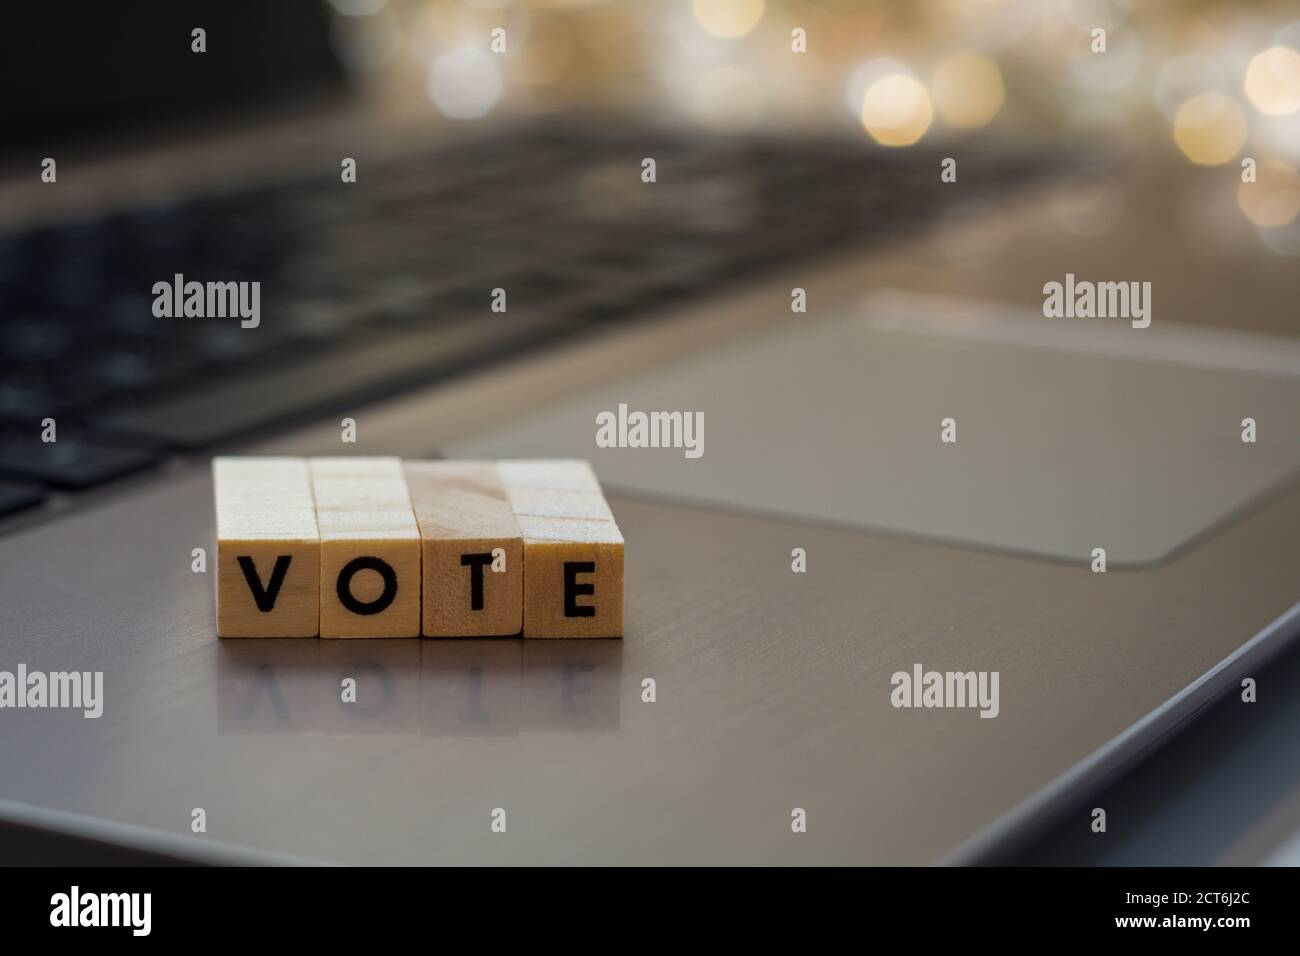 VOTA il concetto dei blocchi di lettere sulla tastiera del notebook Foto Stock